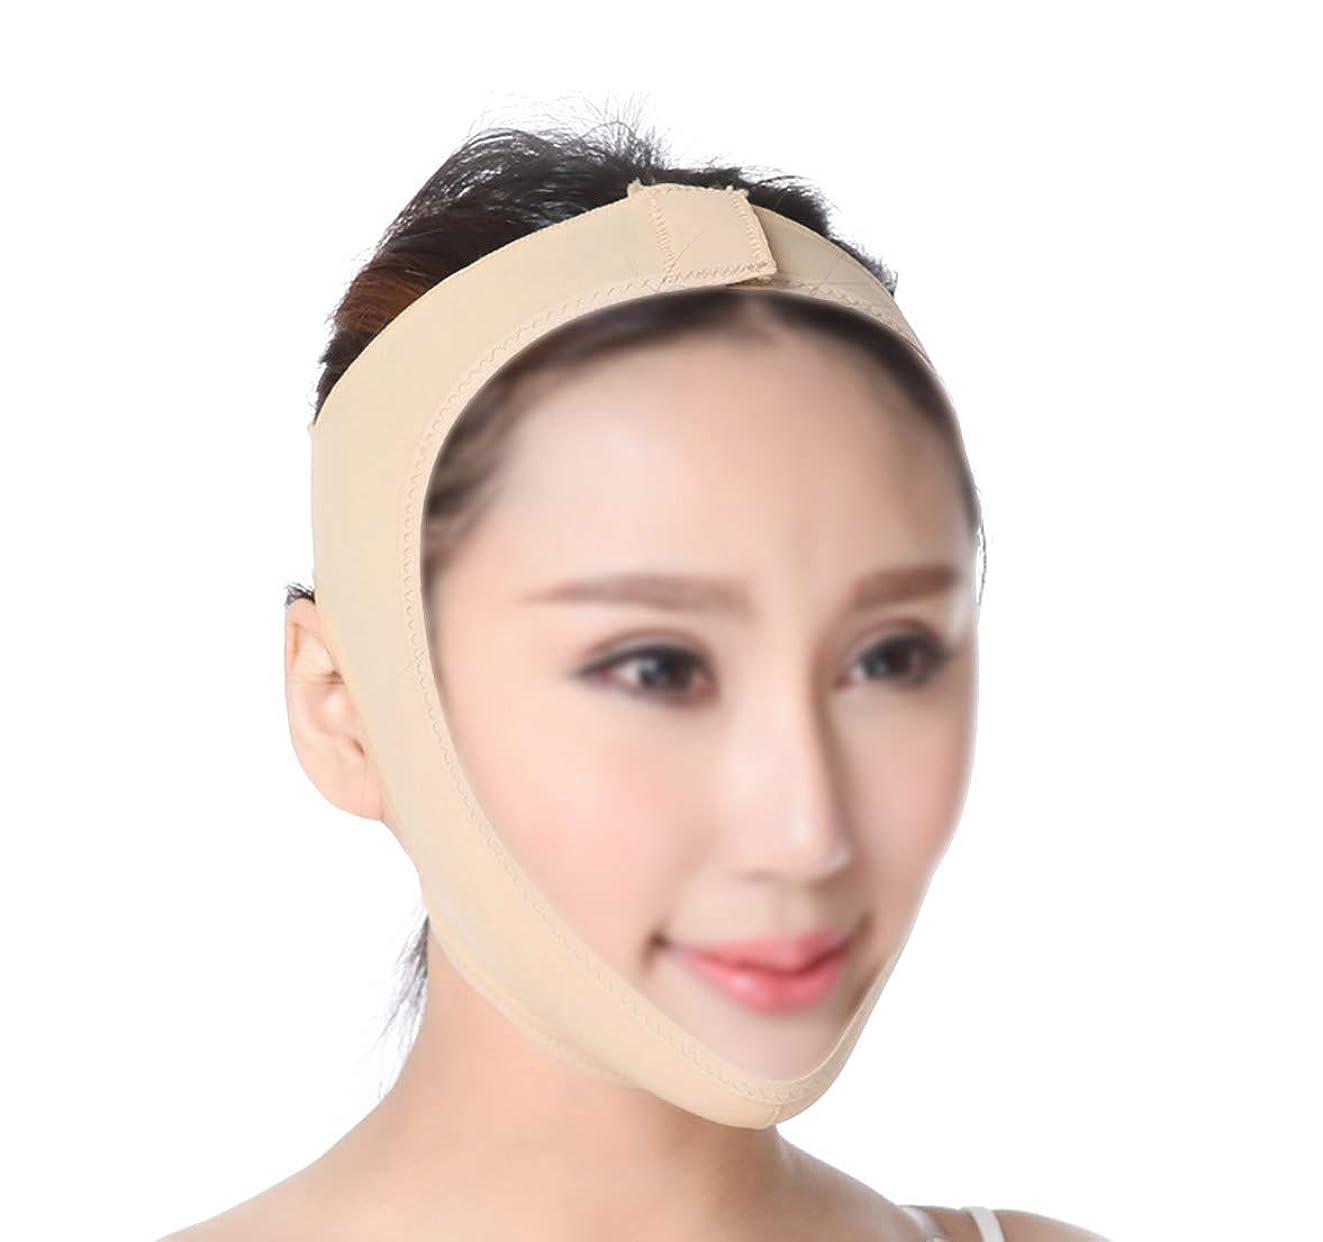 わな瞬時に蛇行フェイスリフティング包帯、フェイシャル減量しわ防止ケアフェイスが肌を引き締め、効果的にダブルチンを改善し、V字型の顔になります(サイズ:XL)